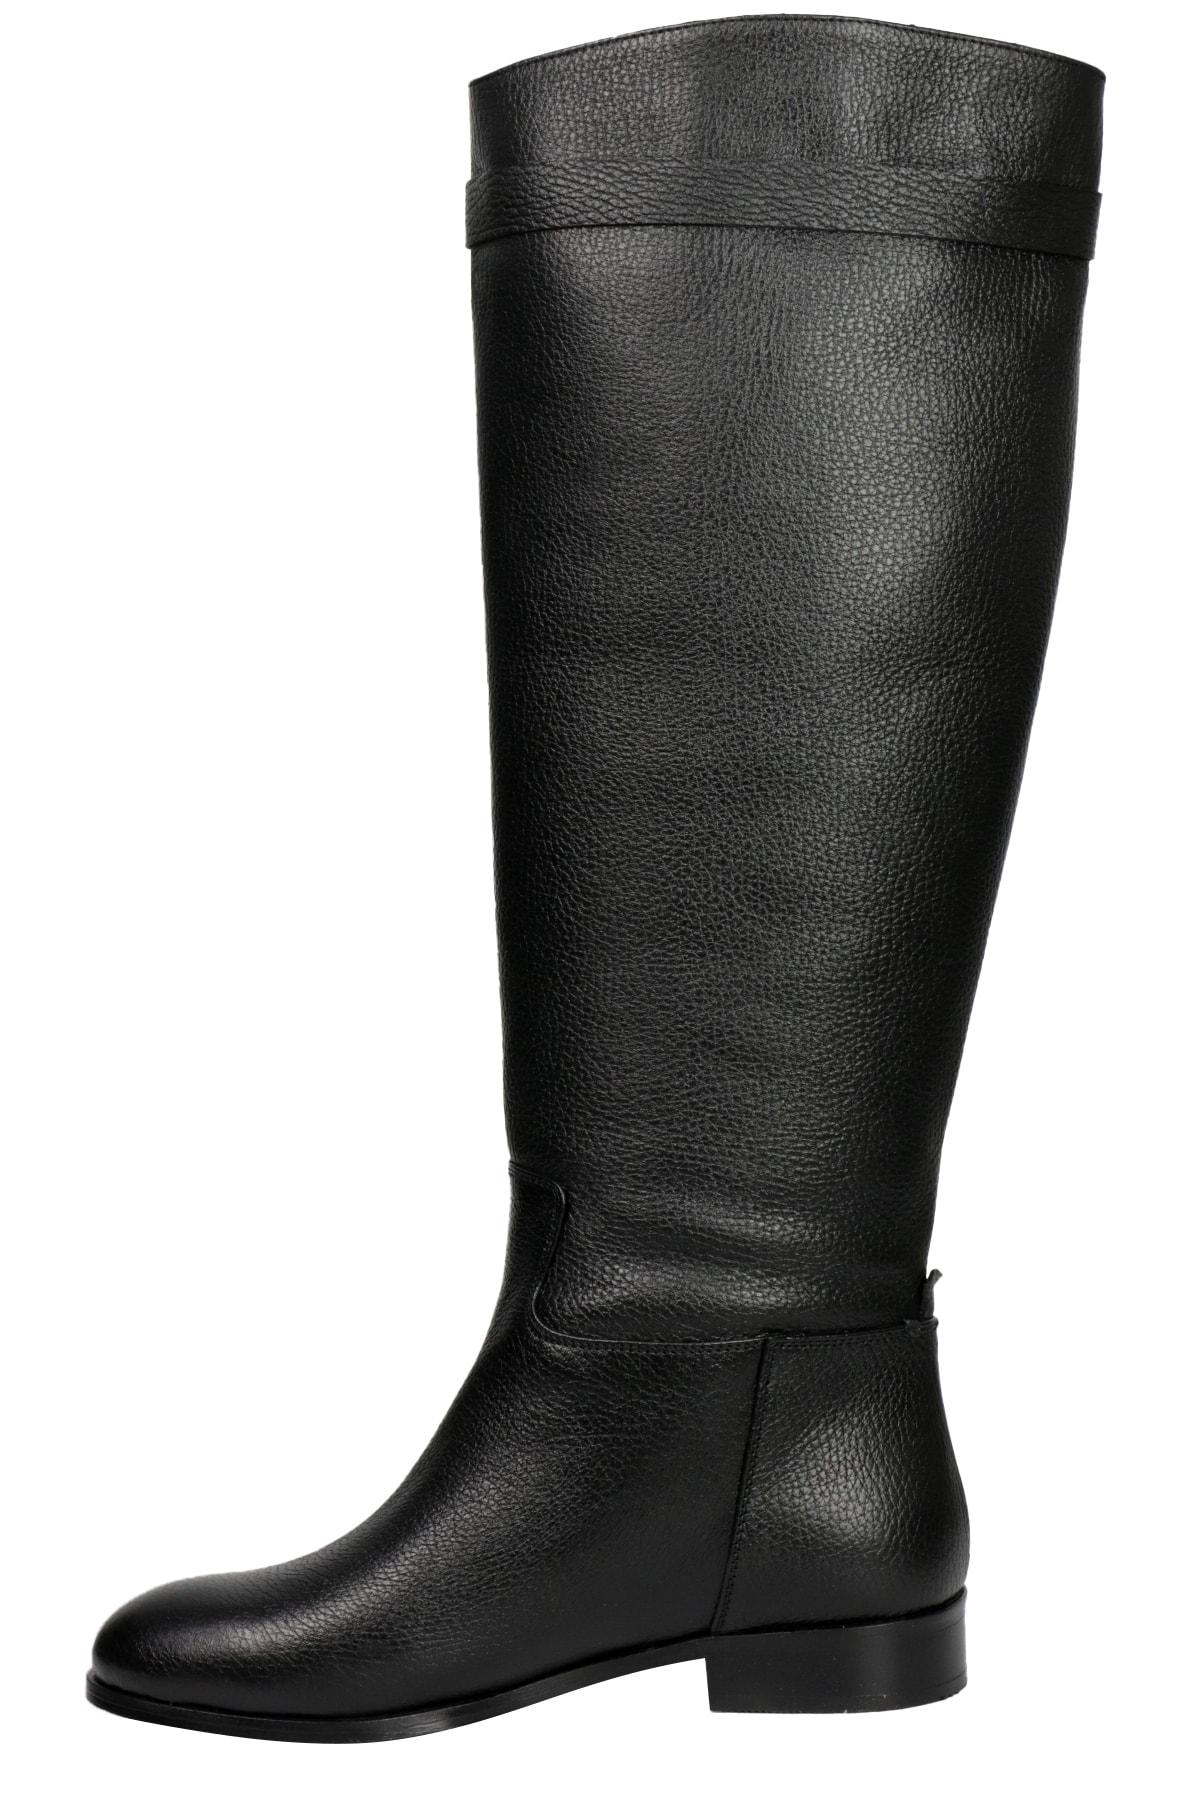 OZ DOROTHY Kadın Siyah Flotur Deri Çizme 2